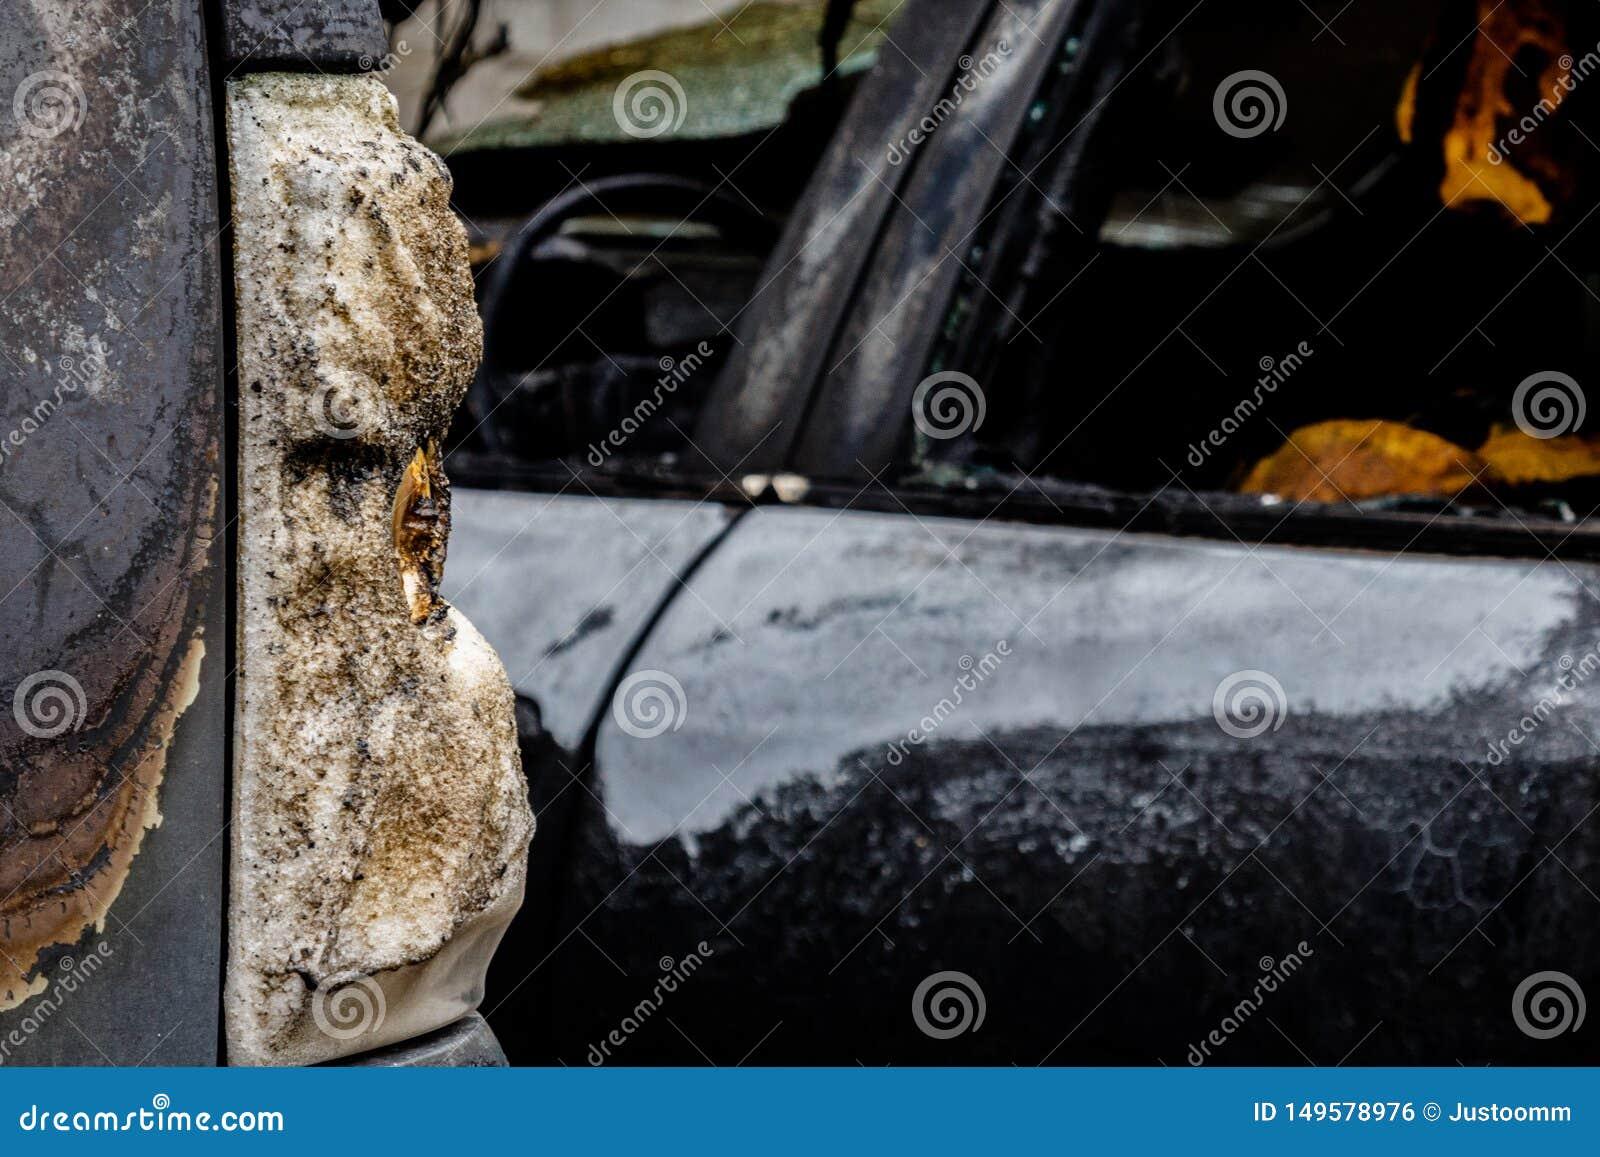 部分地烧在汽车、熔化玻璃或者塑料的尾巴光下